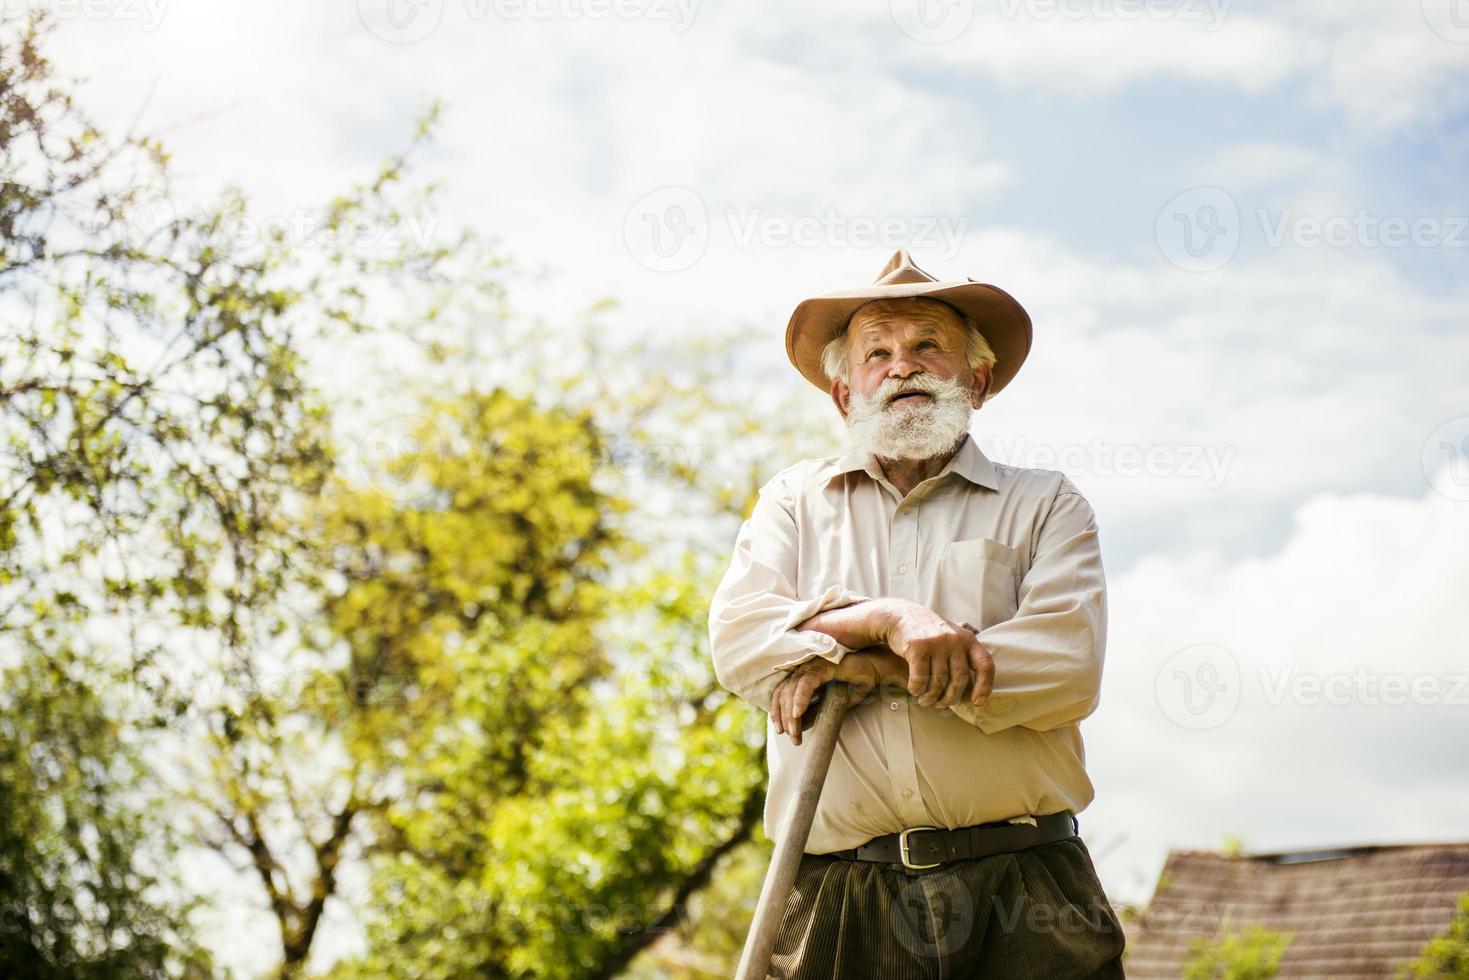 alter Bauer auf der Wiese foto